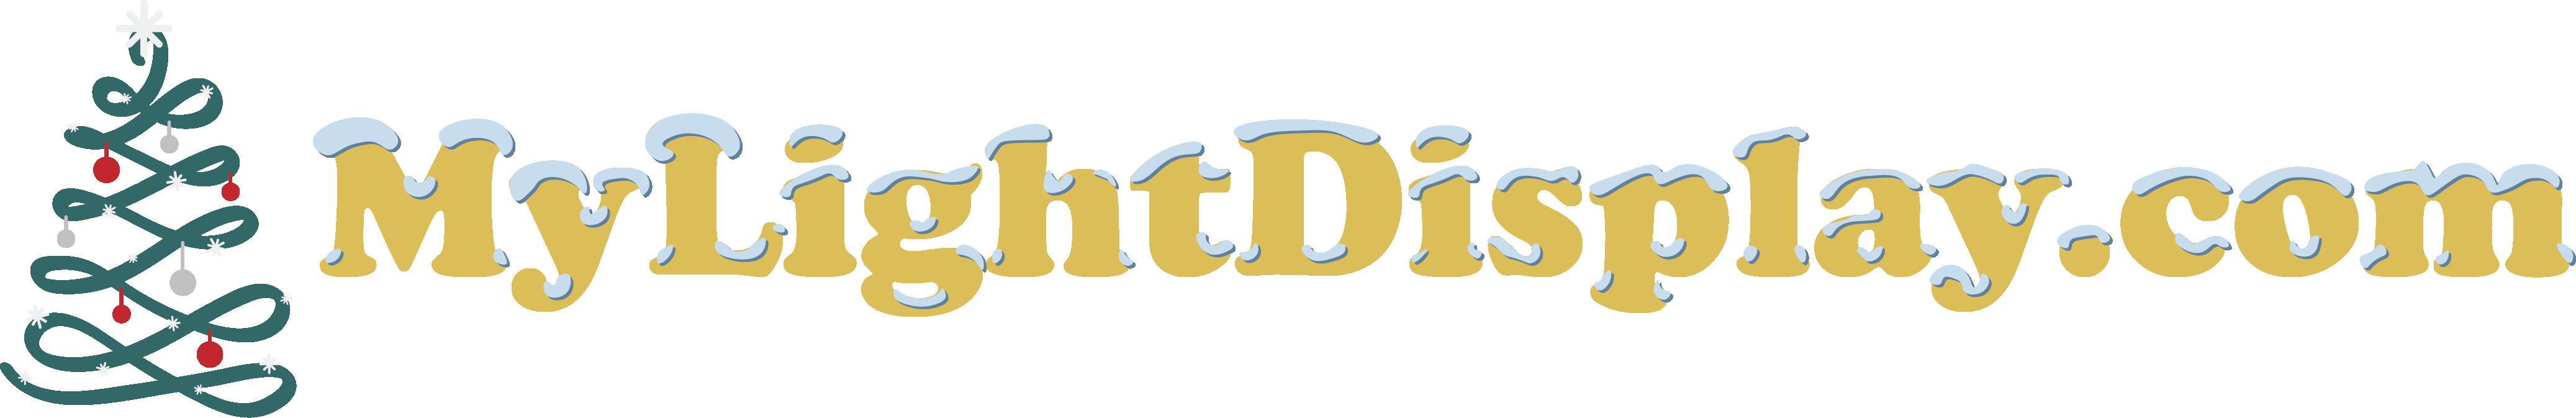 Relaunched MyLightDisplay